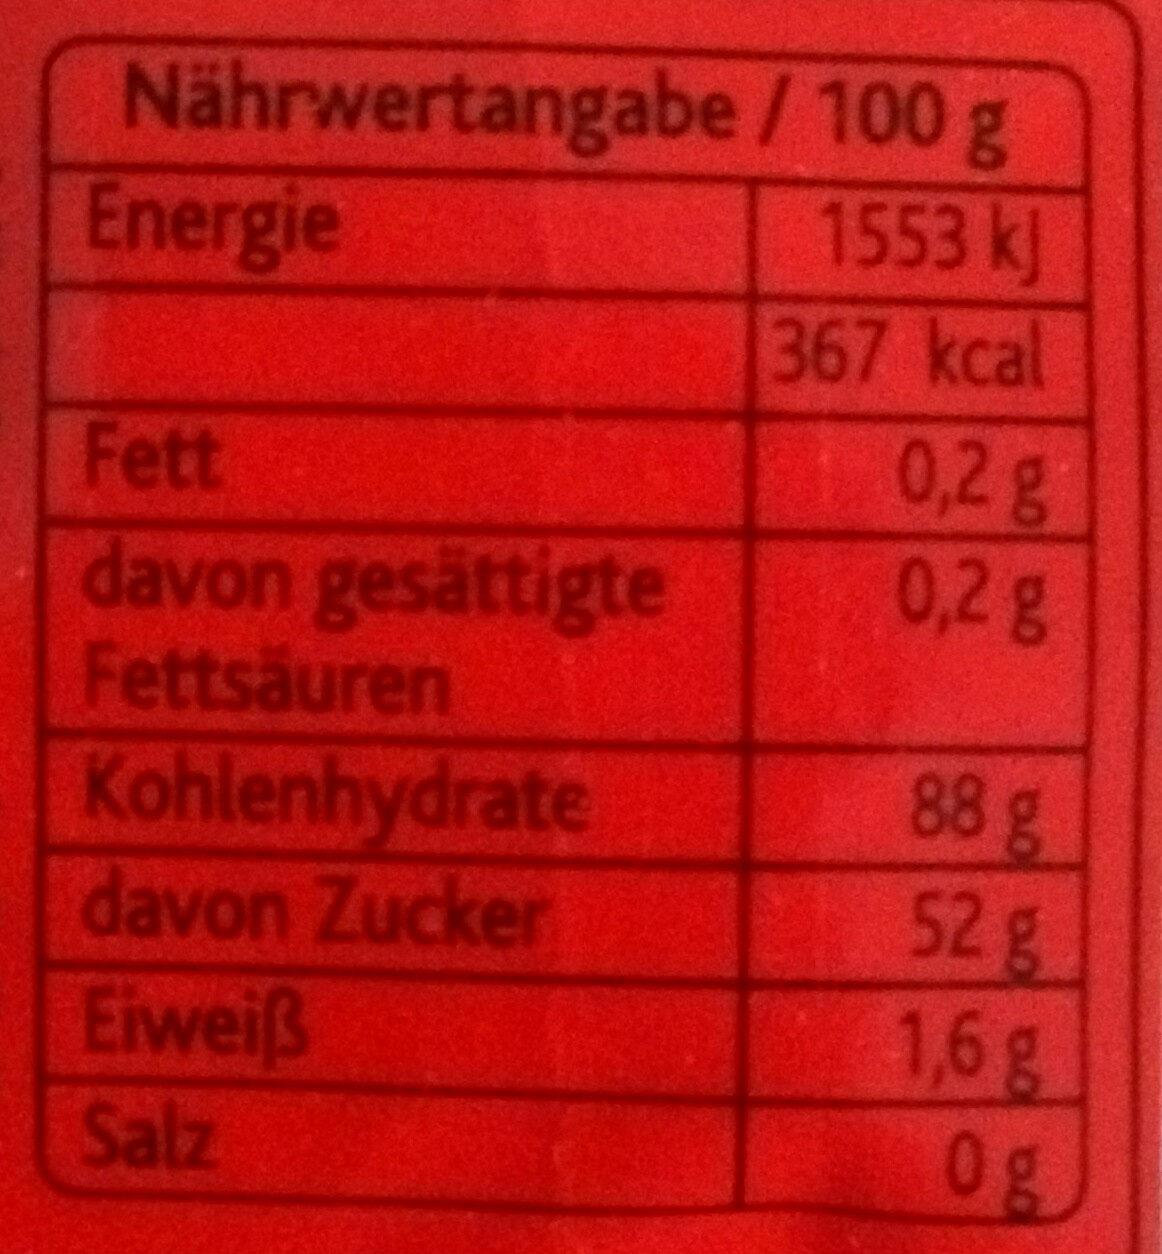 Gummi Stäbchen super sauer - Nährwertangaben - de